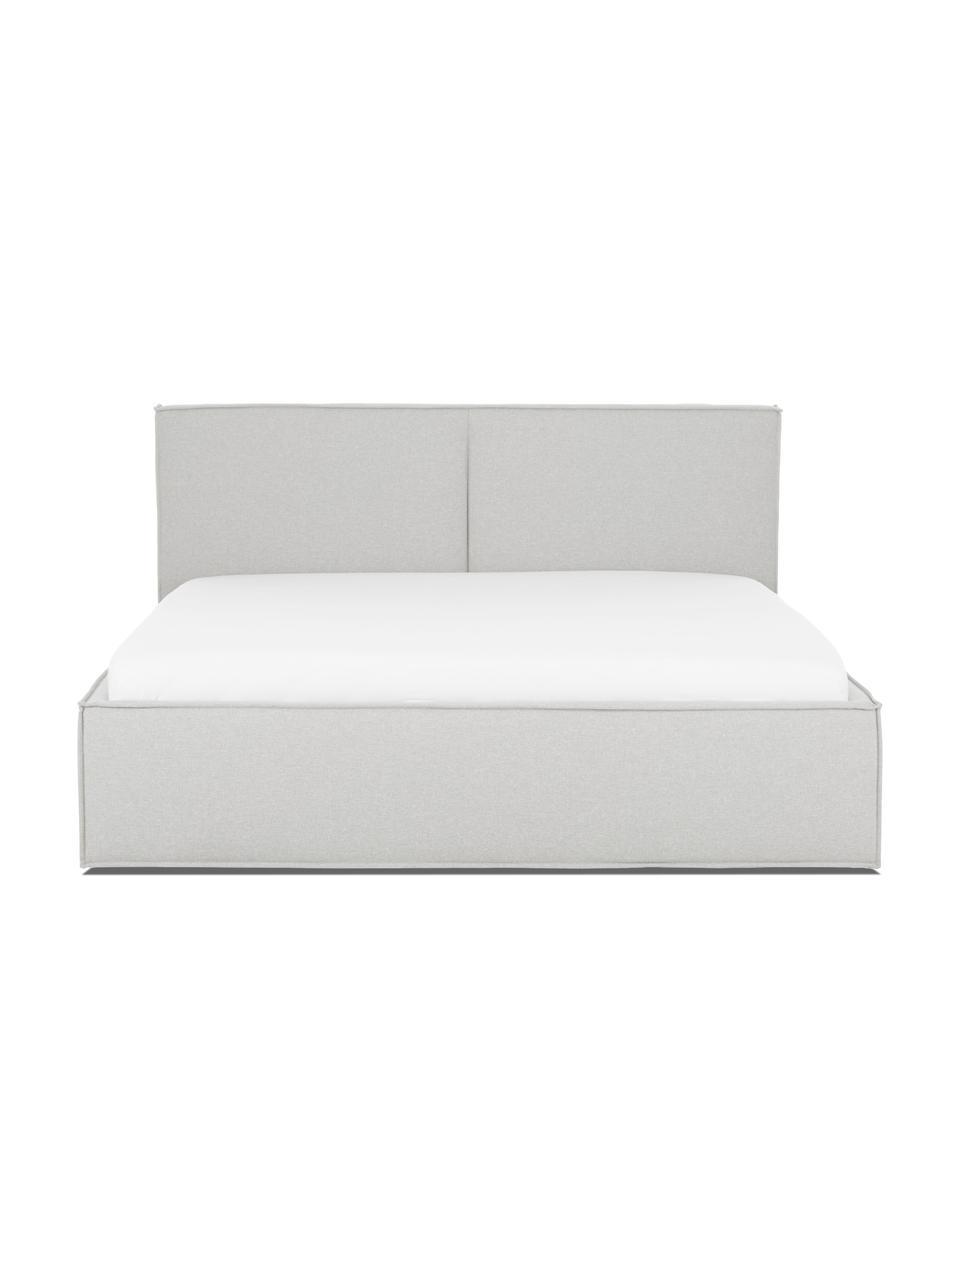 Łóżko tapicerowane z miejscem do przechowywania Dream, Korpus: lite drewno sosnowe i pły, Tapicerka: 100 % poliester (tkanina , Jasny szary, S 180 x D 200 cm